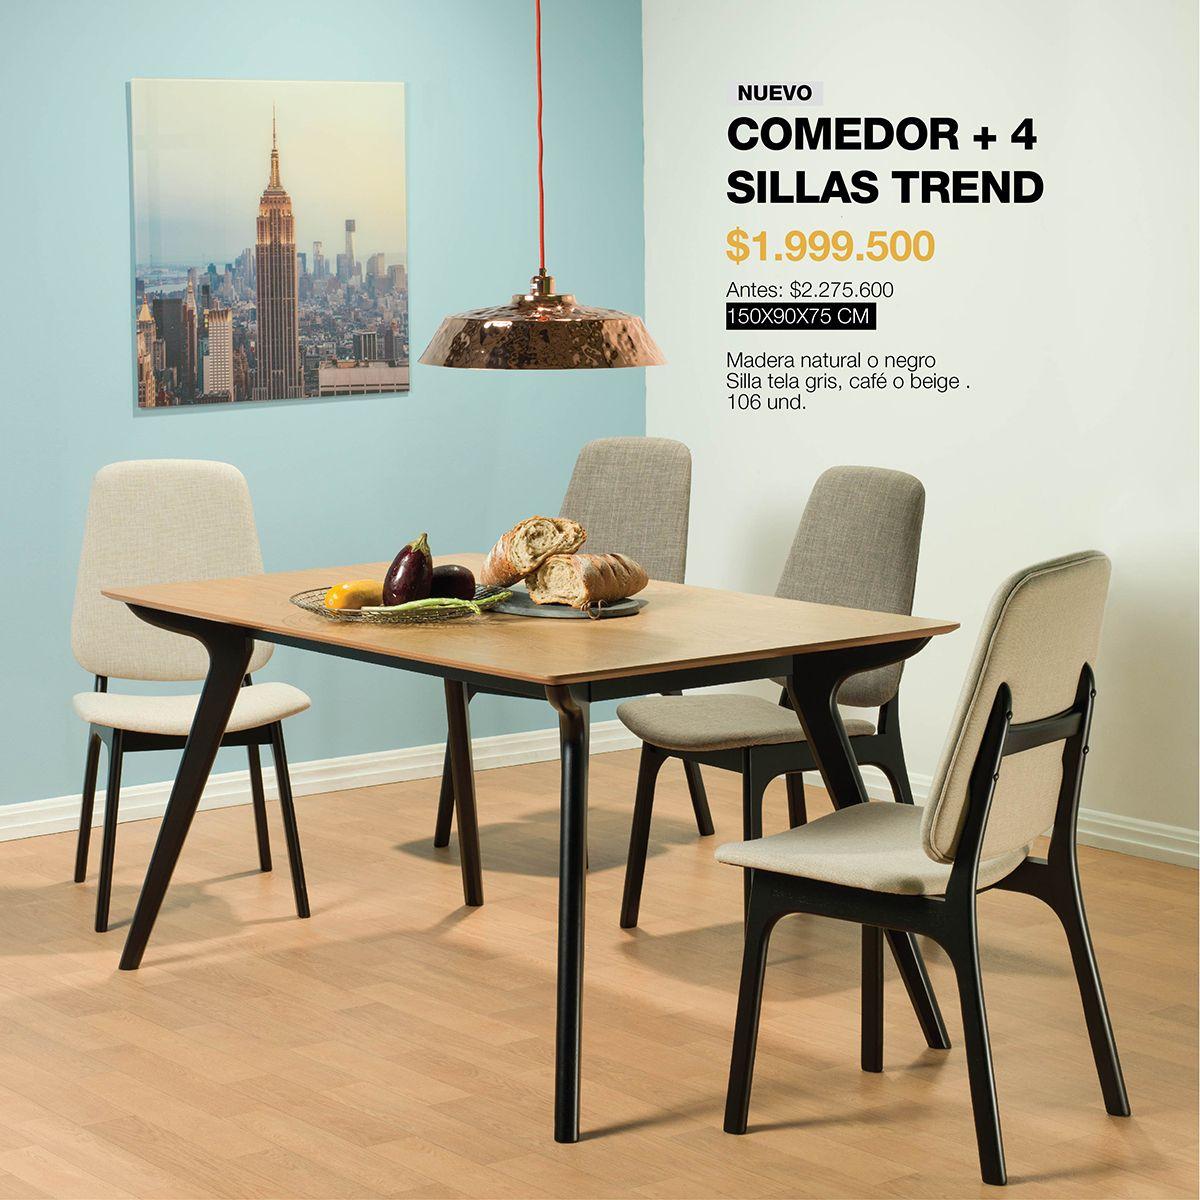 Comedor y sillas #Trend: Diseñado en madera natural o negro con ...